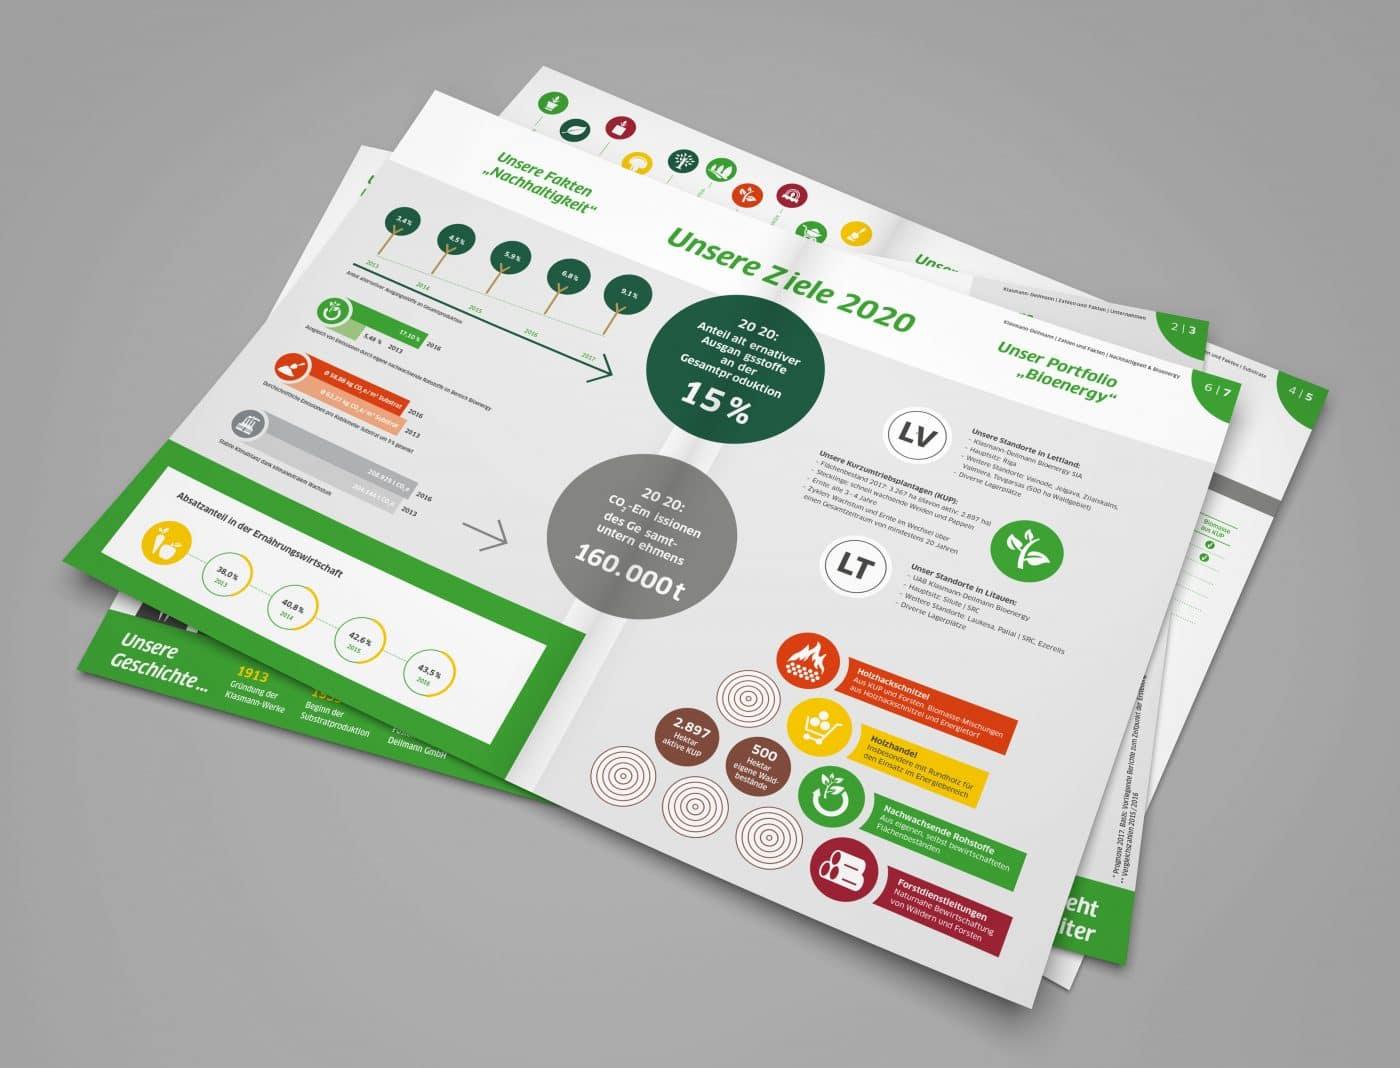 kd zahlen fakten 04 - Eine ganze Broschüre auf den Punkt gebracht – Corporate Design, Grafikdesign, Kommunikationsdesign, Markenentwicklung, Editorial Design